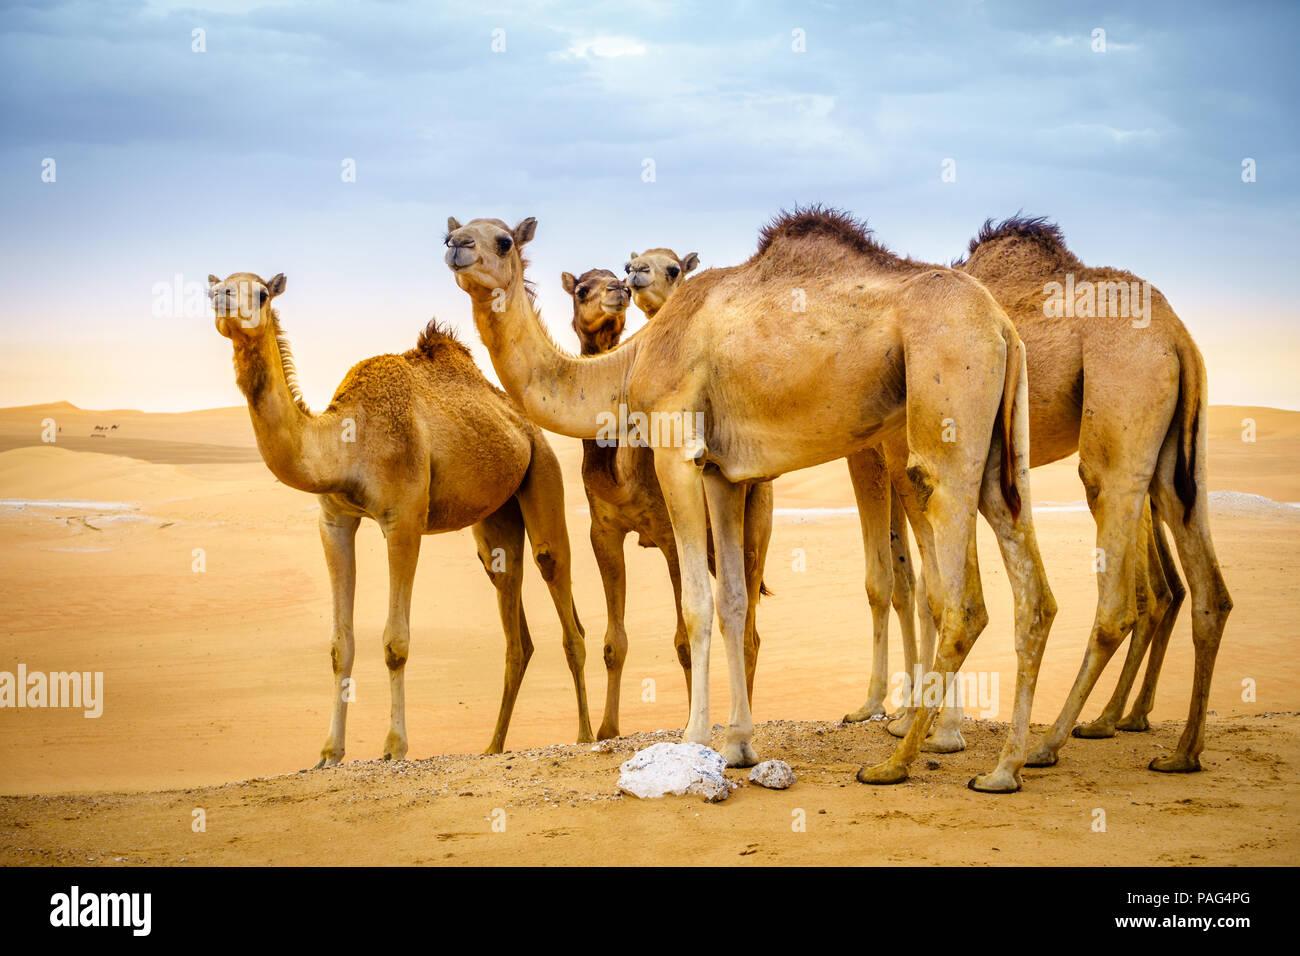 Una mandria di cammelli selvatici nel deserto vicino Al Ain, Emirati arabi uniti Immagini Stock